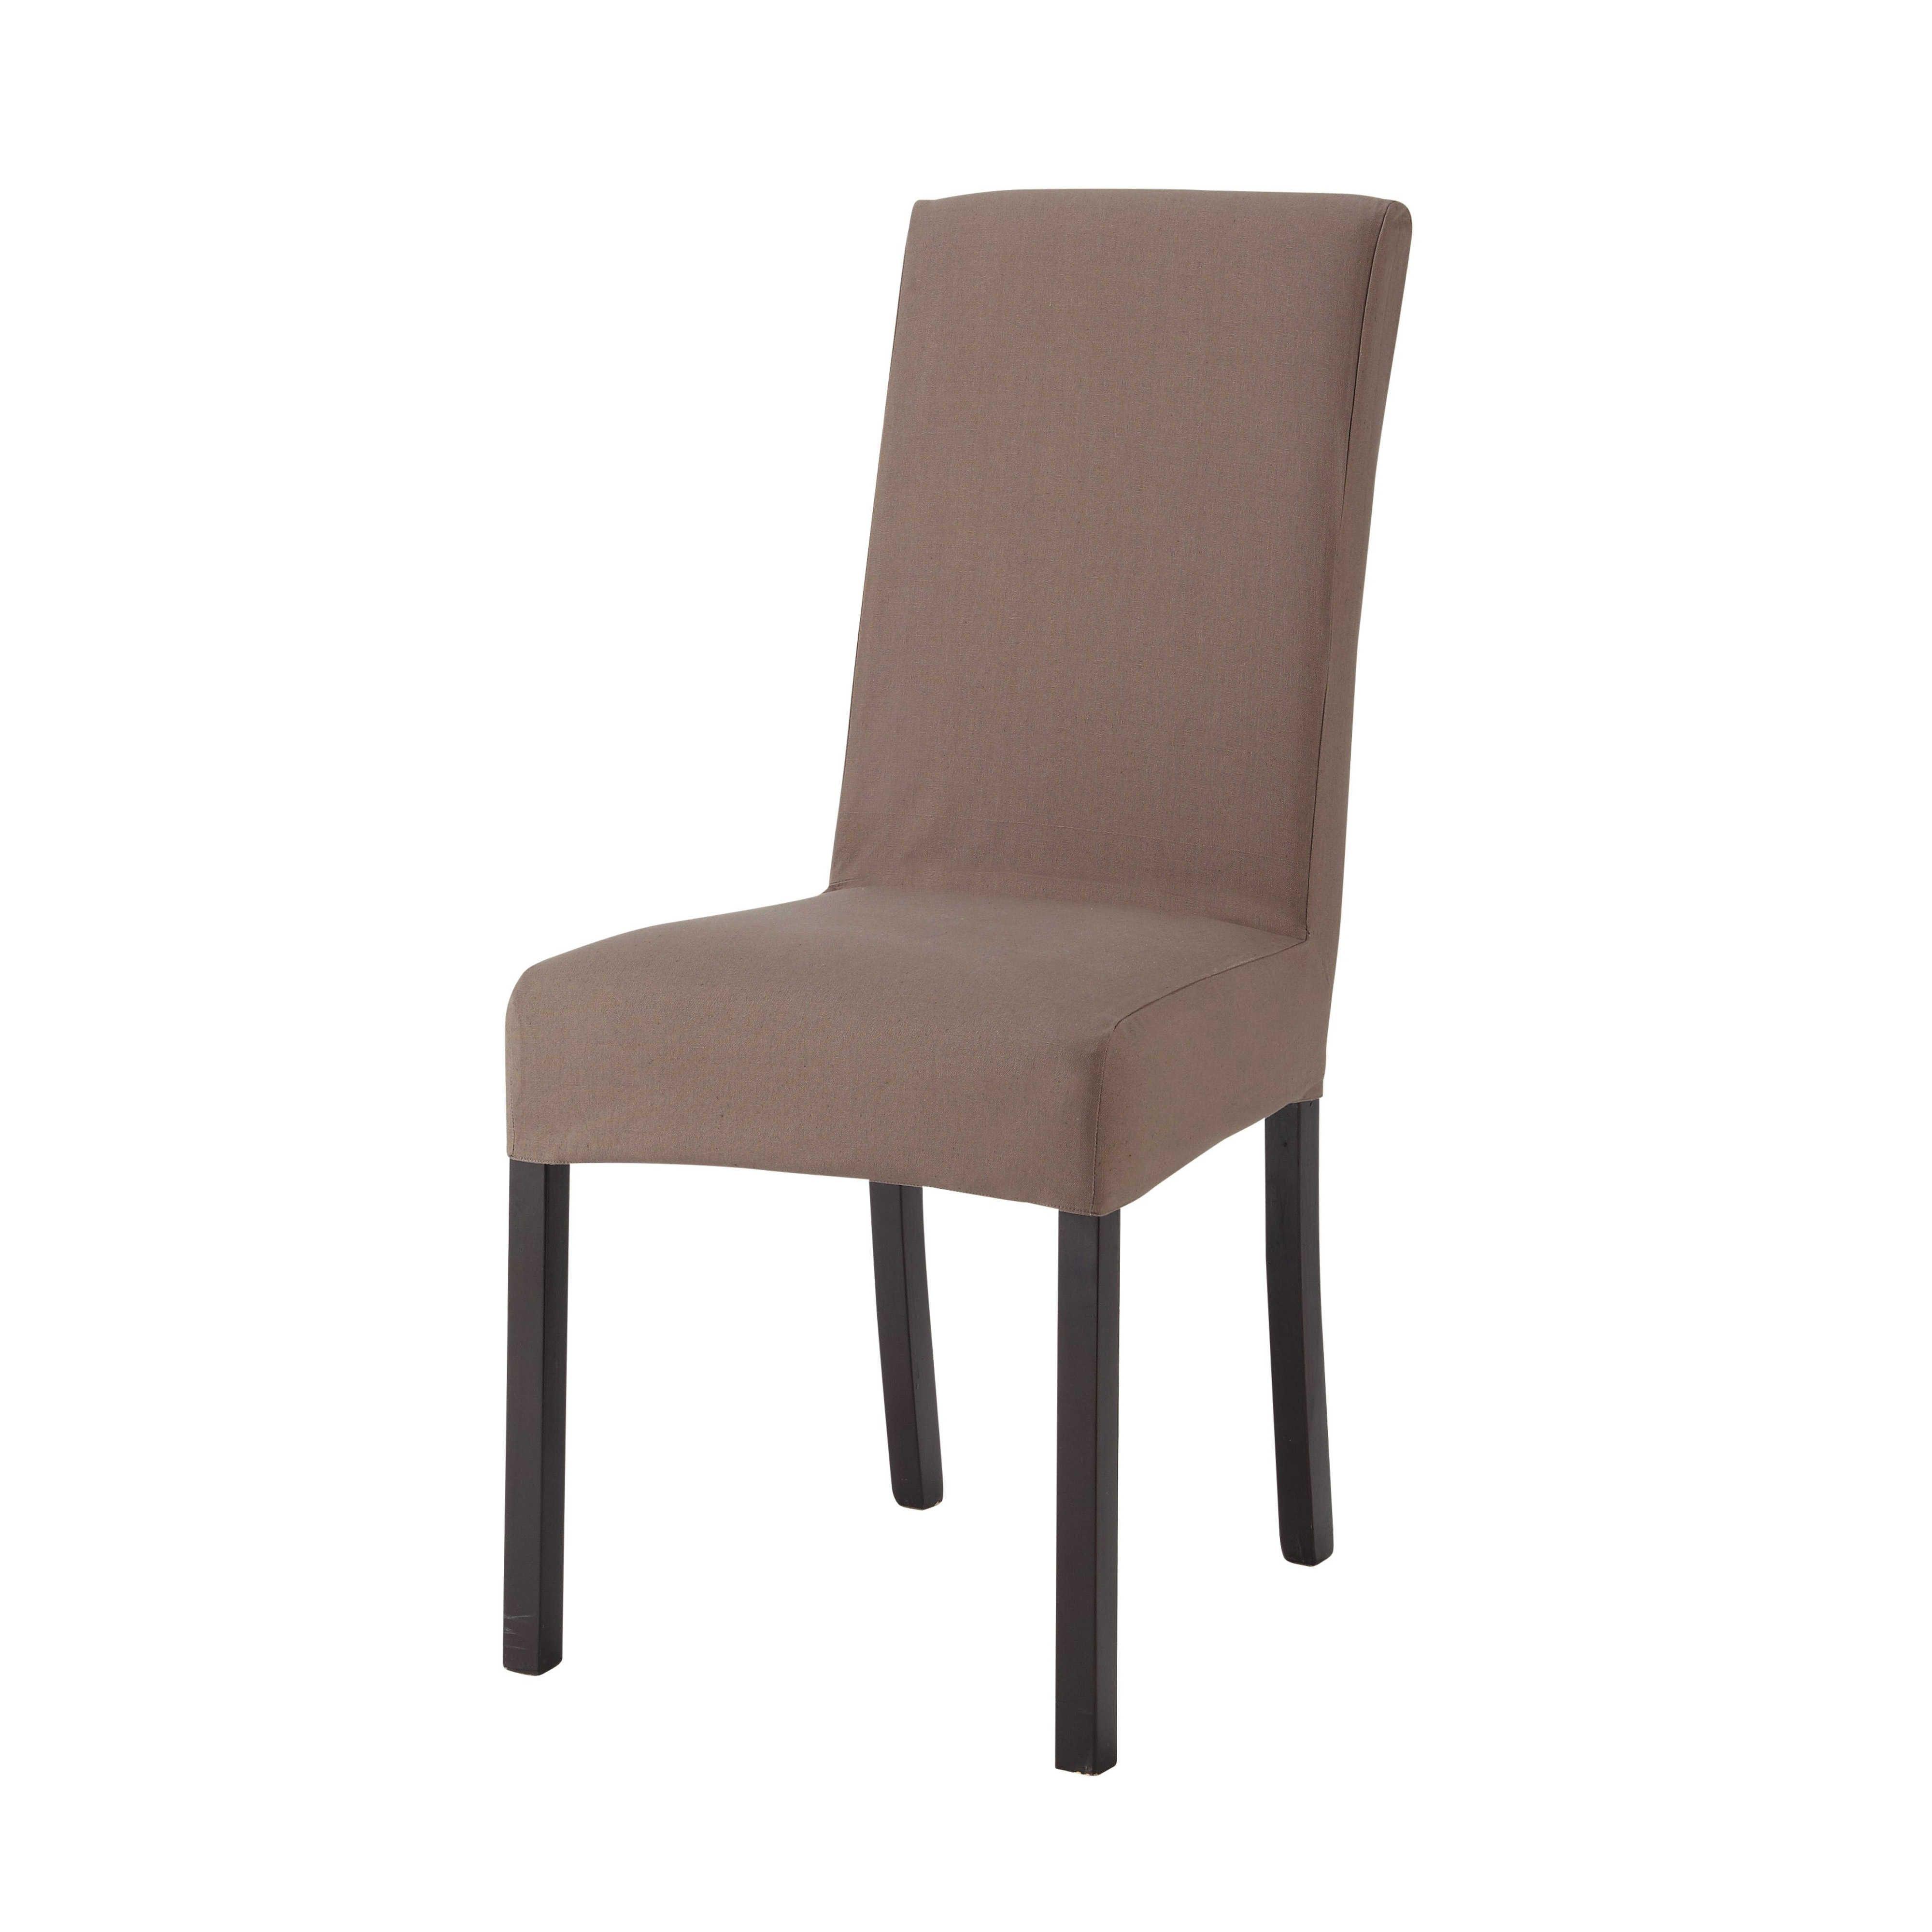 Housse de chaise en coton taupe | Meubles | Housse de chaise, Chaise ...